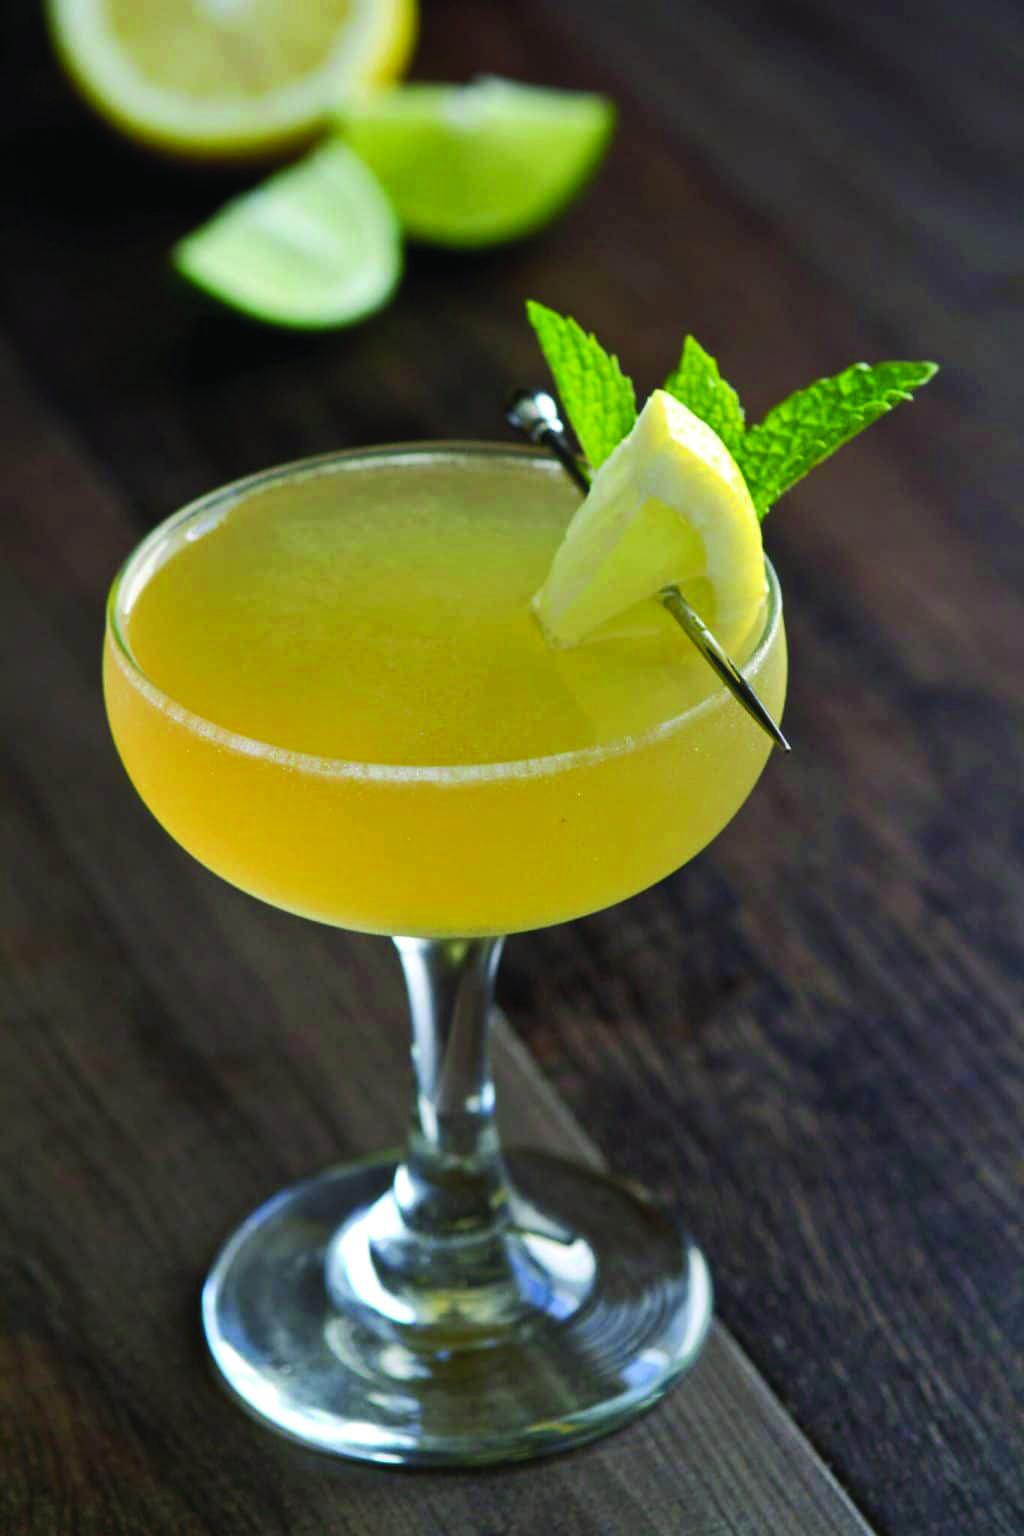 Lemon drop martini lemon drop martini homemade sour mix